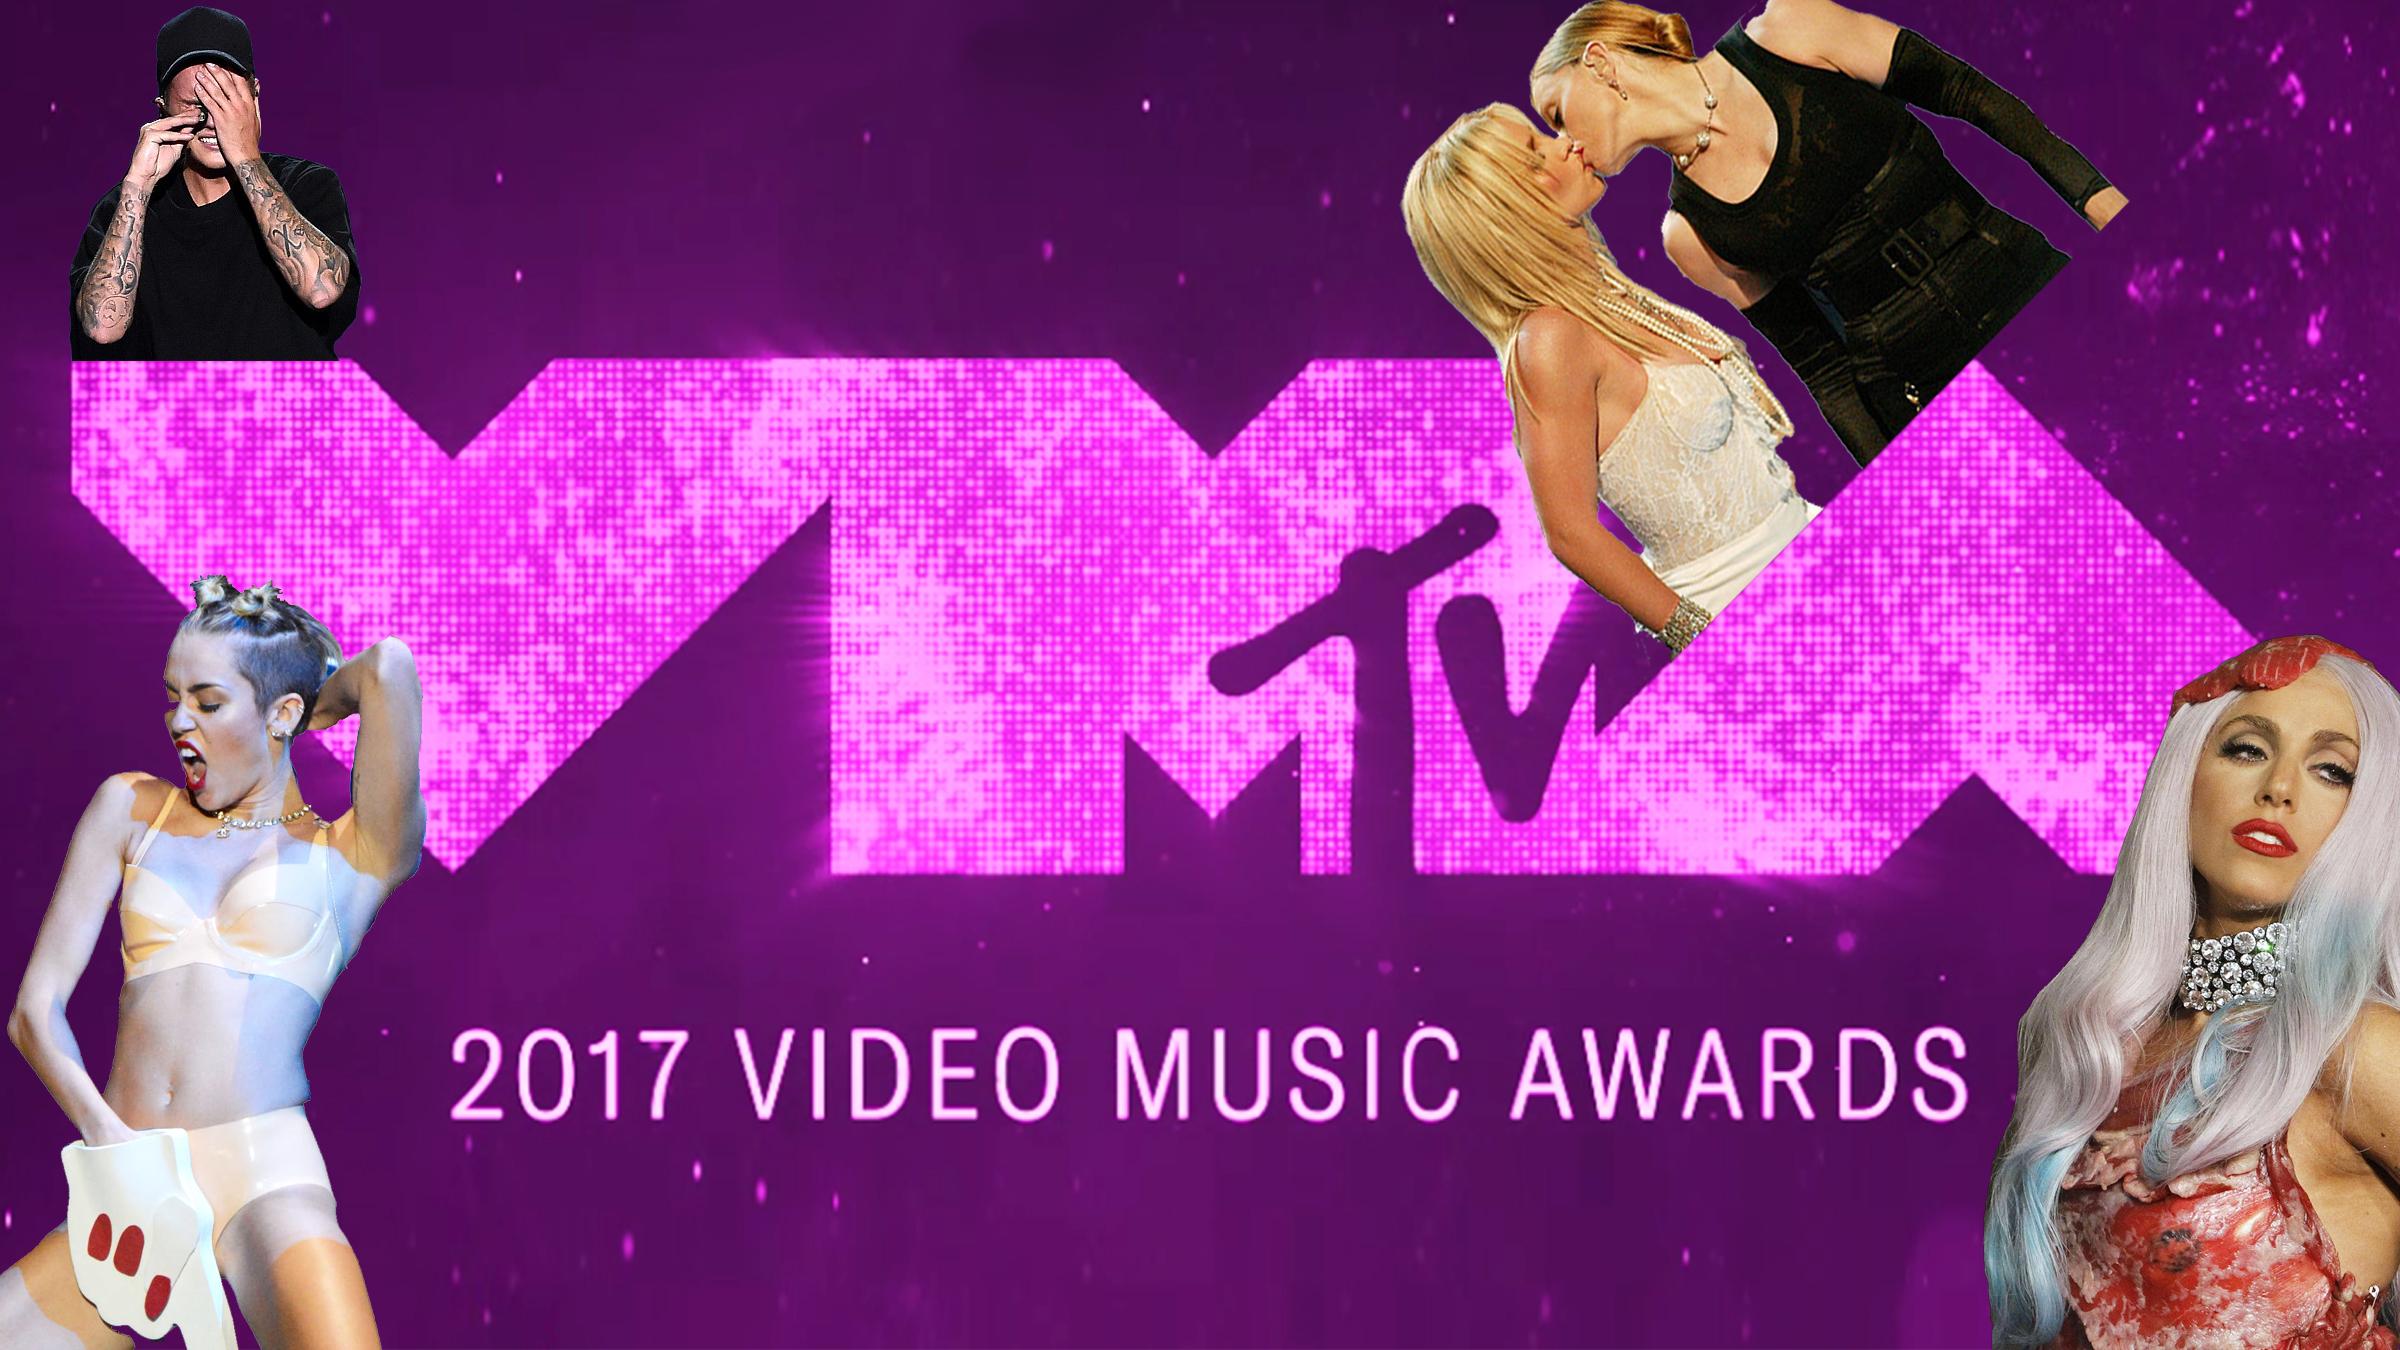 Vma2017 teaser